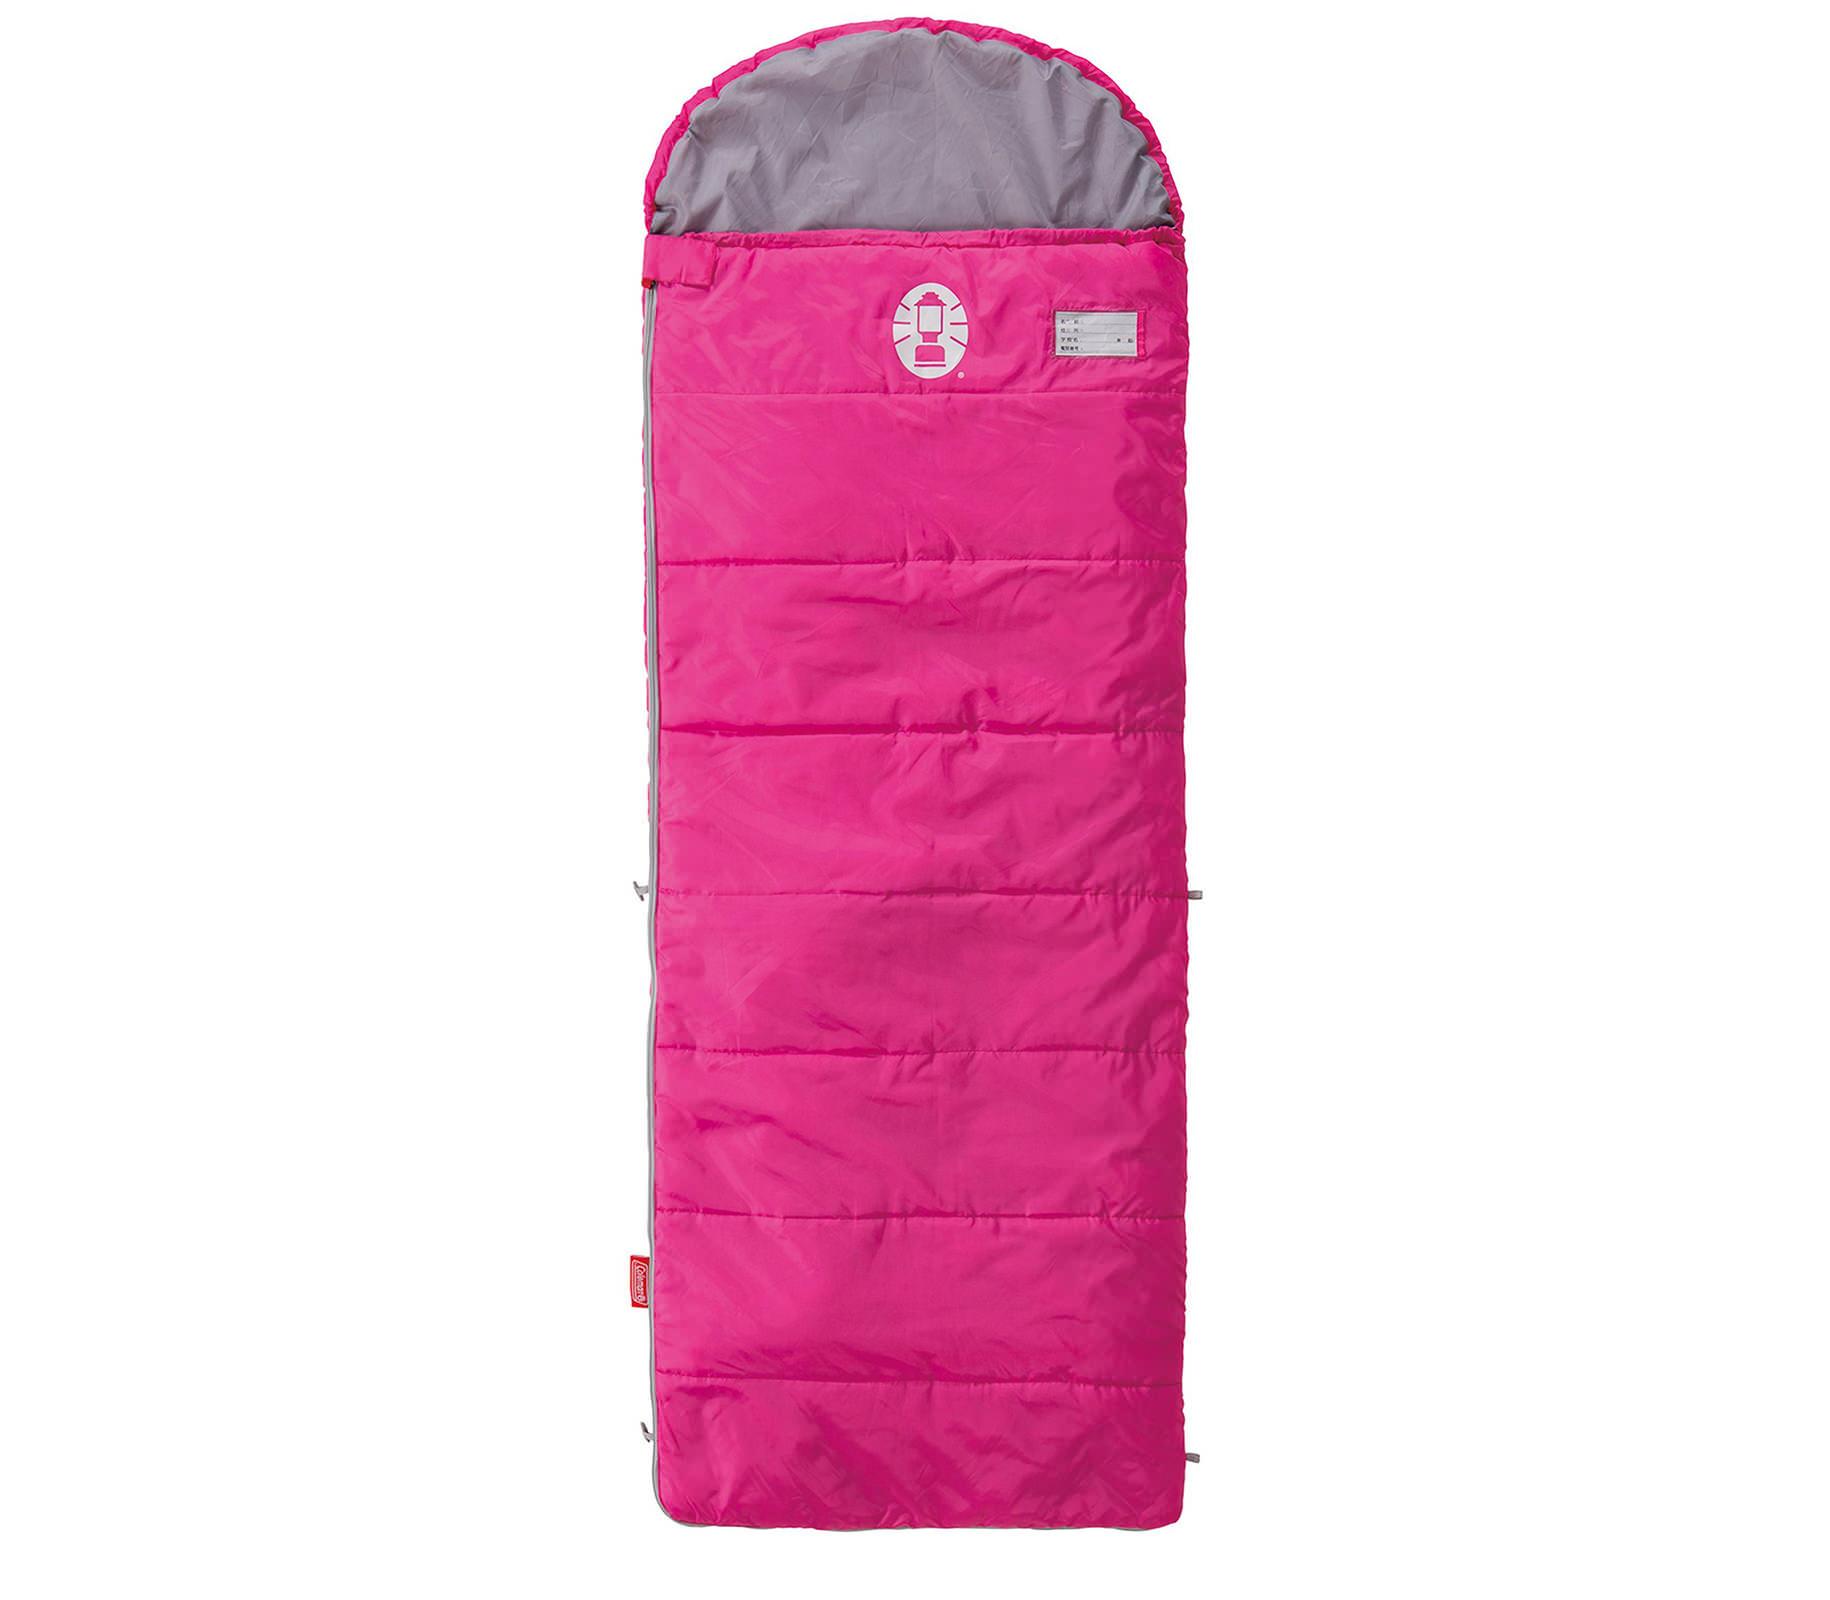 Túi ngủ trẻ em Coleman School Kid Pink 2000027269 - 7463